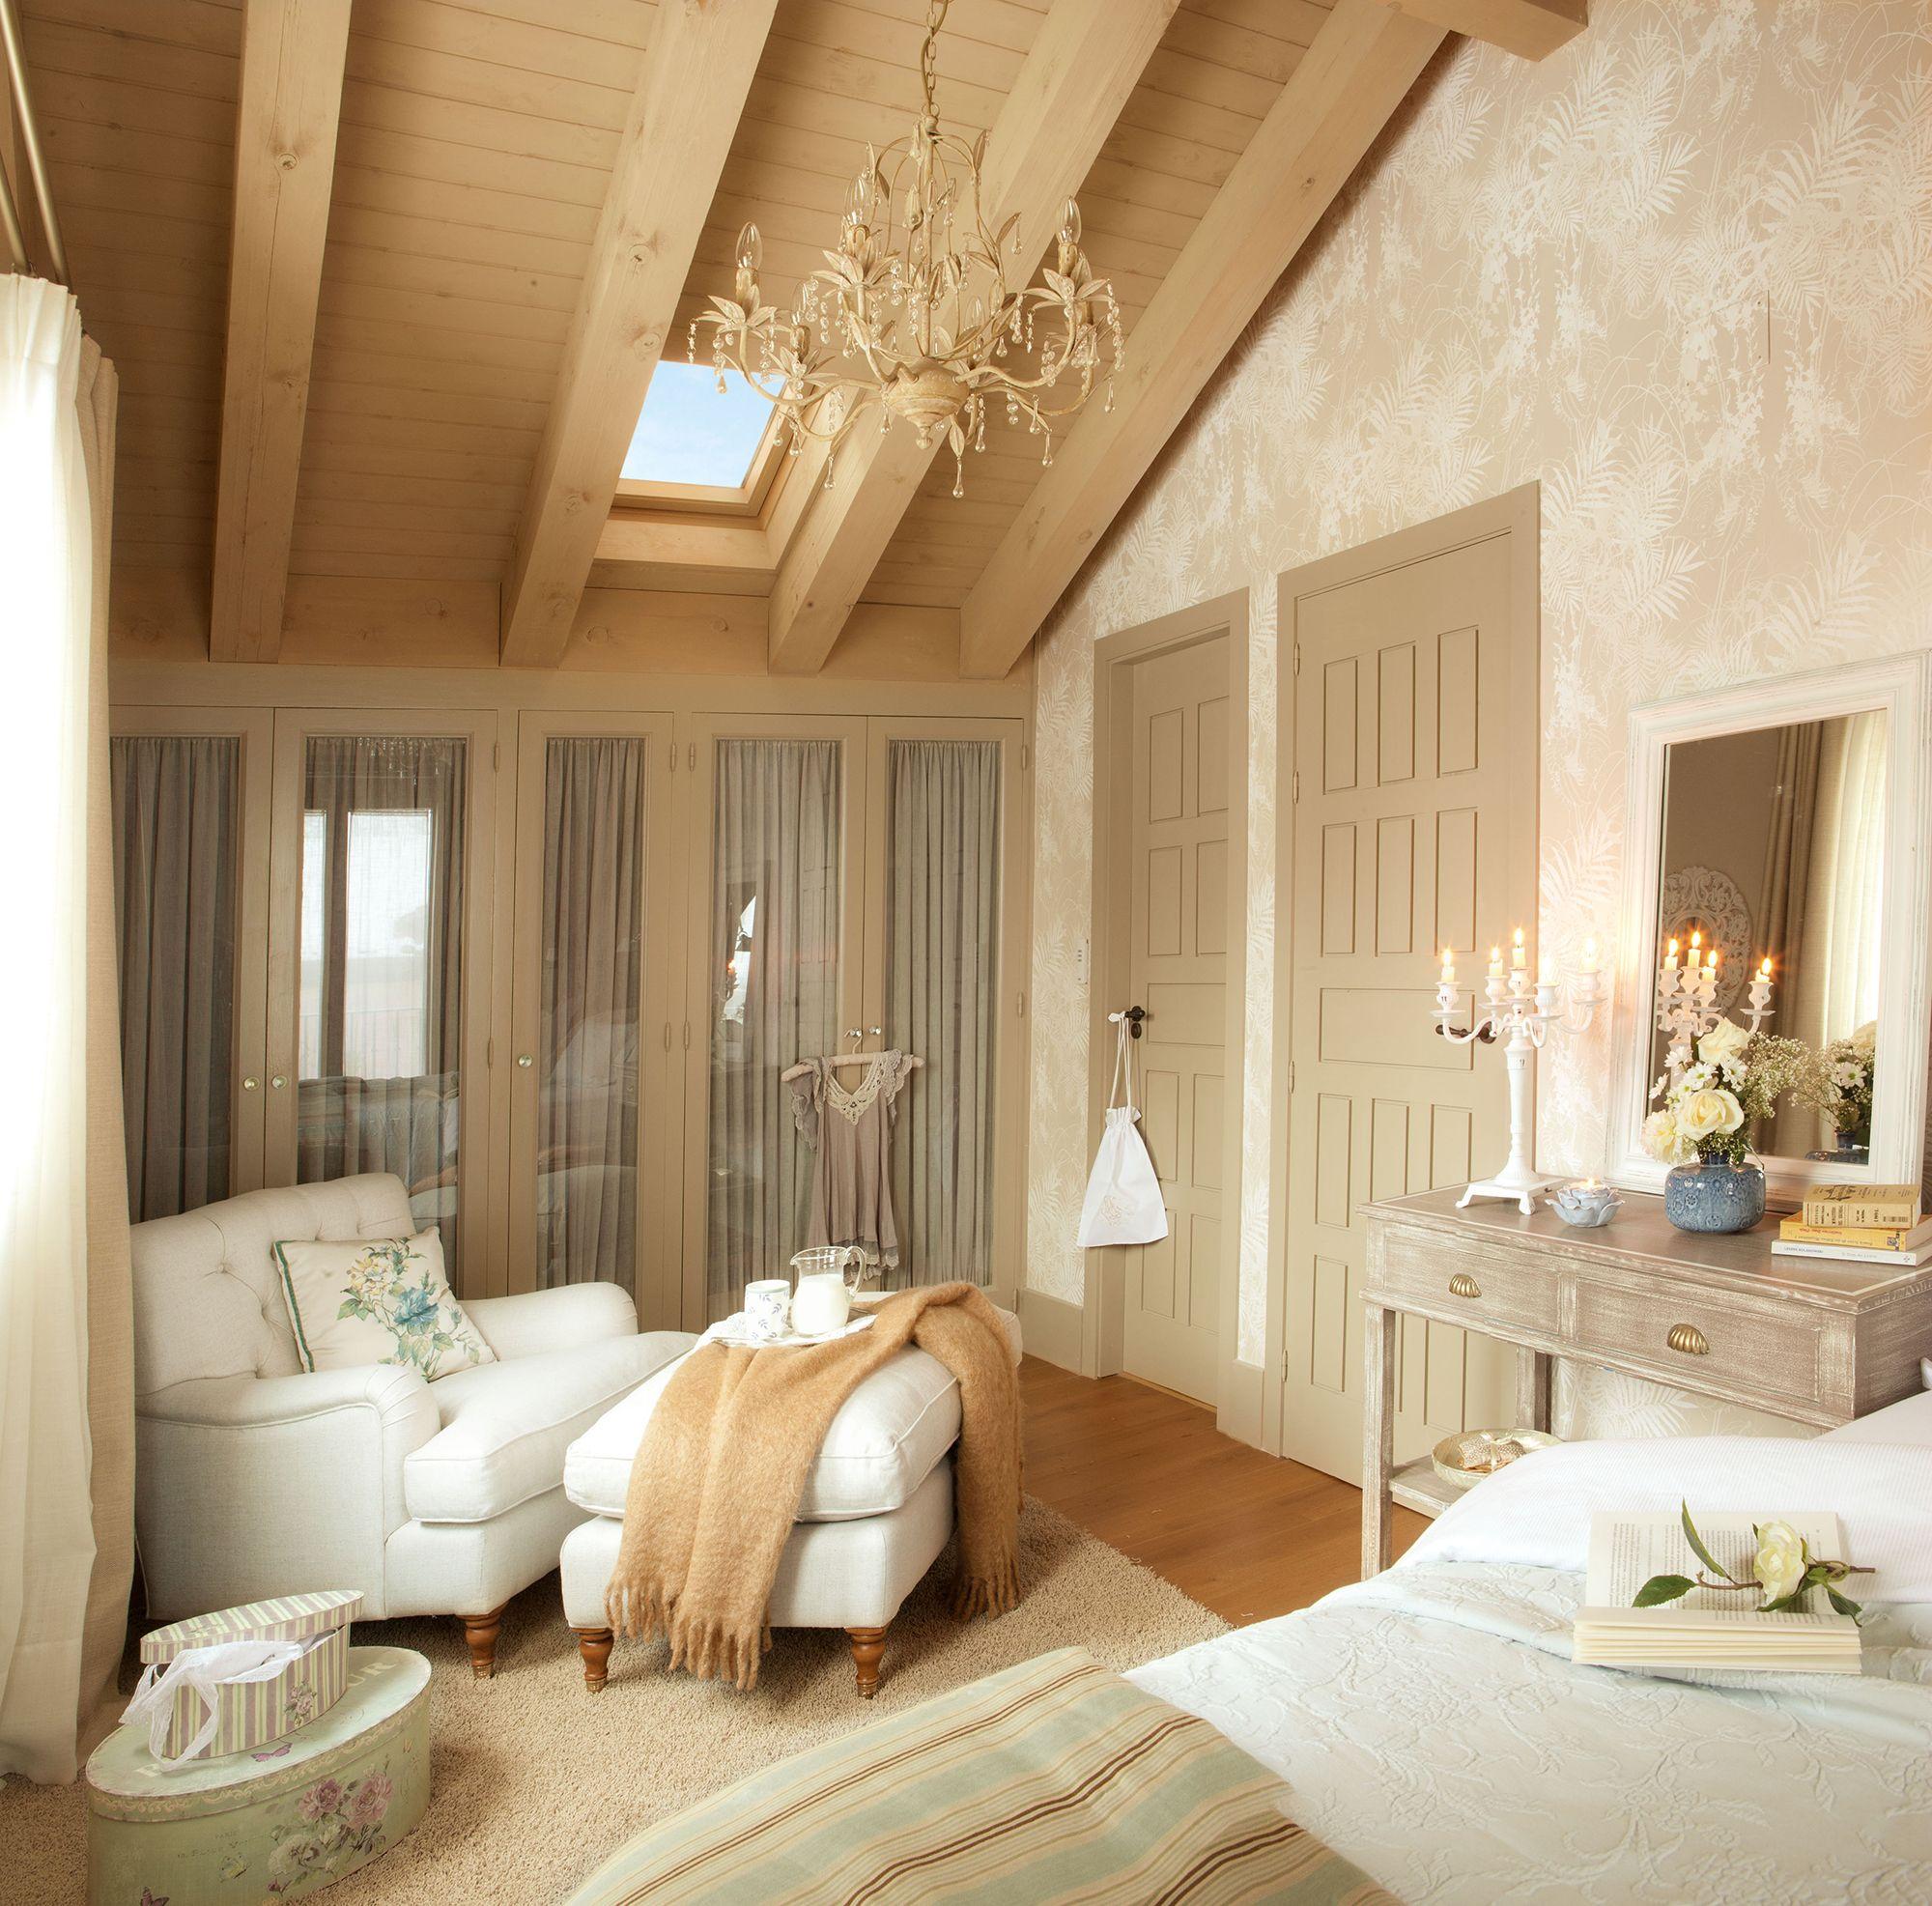 00317291 Dormitorio Abuhardillado Con Armarios Con Frentes De Cristal Y